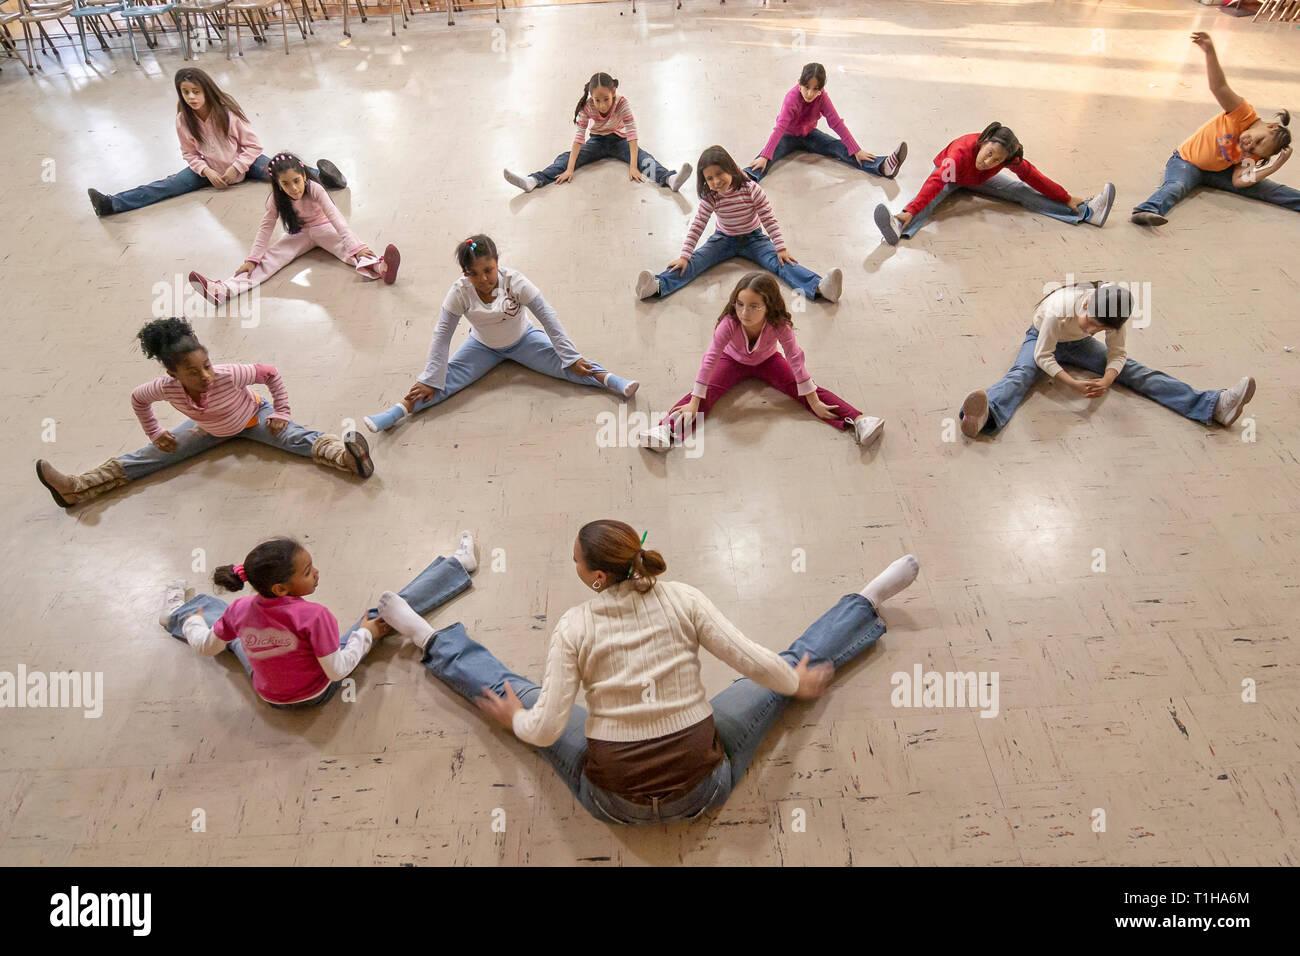 Los escolares sentados en el gimnasio haciendo ejercicio ejercicios con el instructor. Imagen De Stock